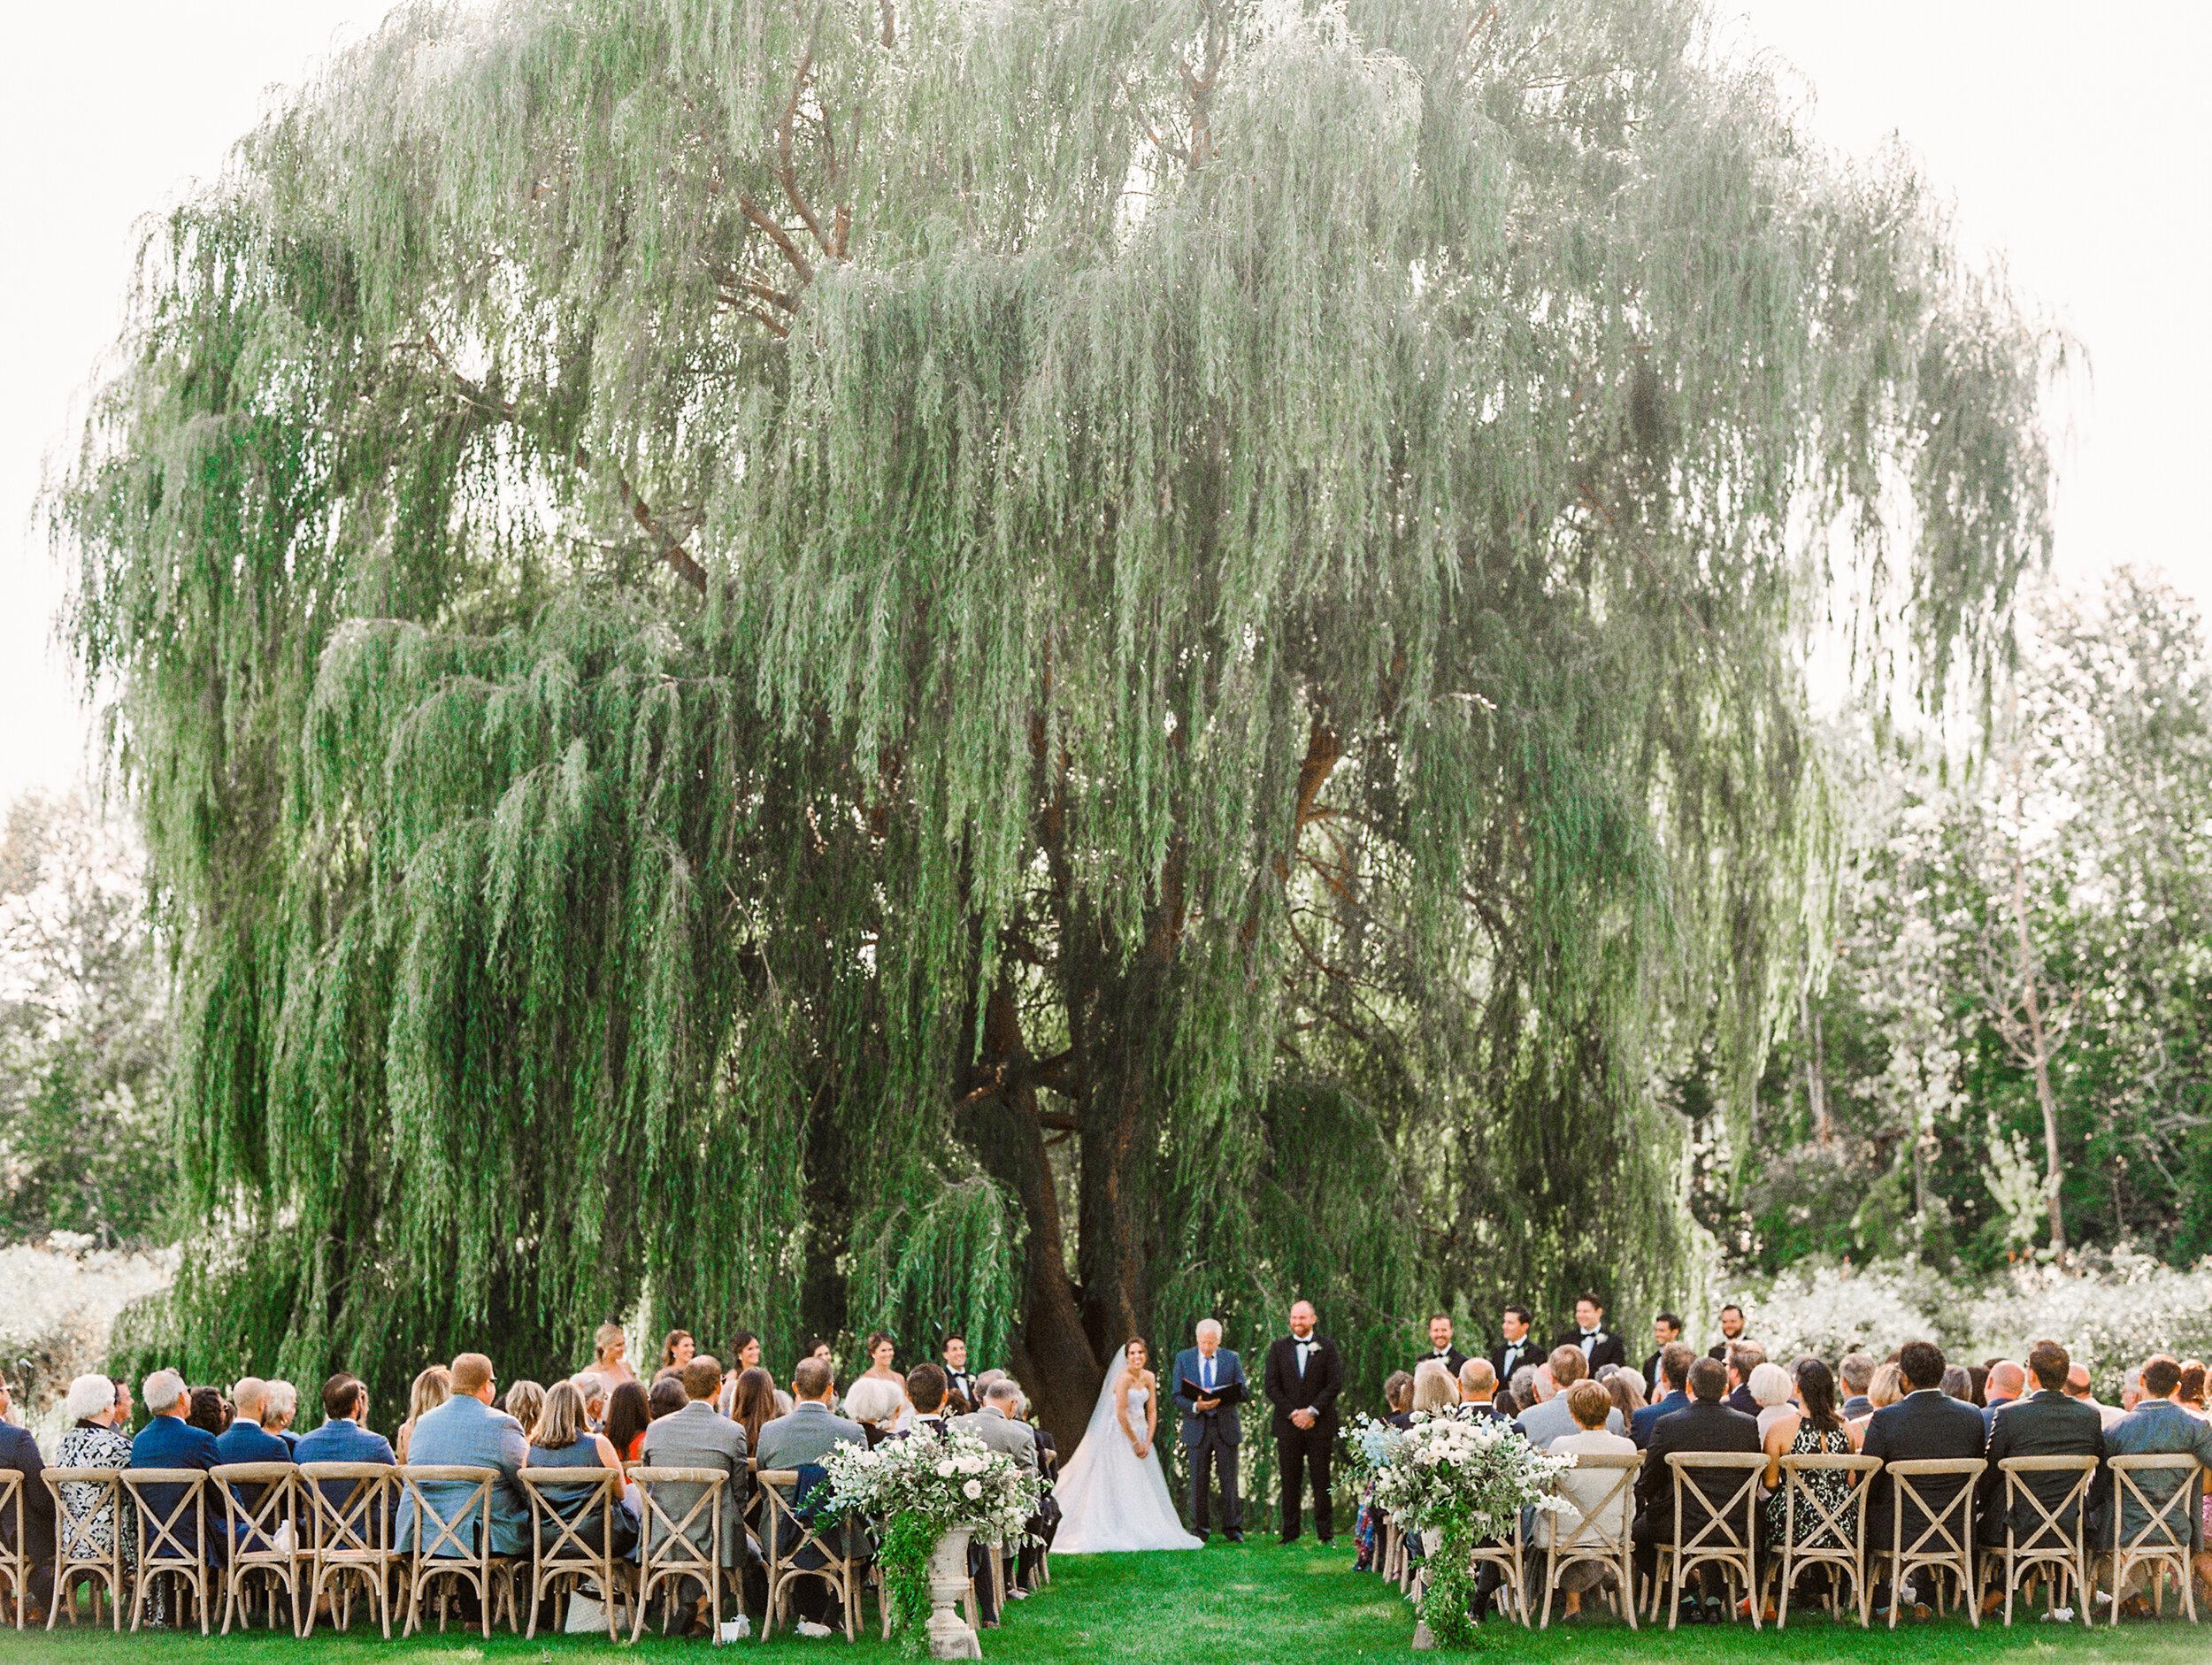 Steinlage+Wedding+Ceremony-162.jpg